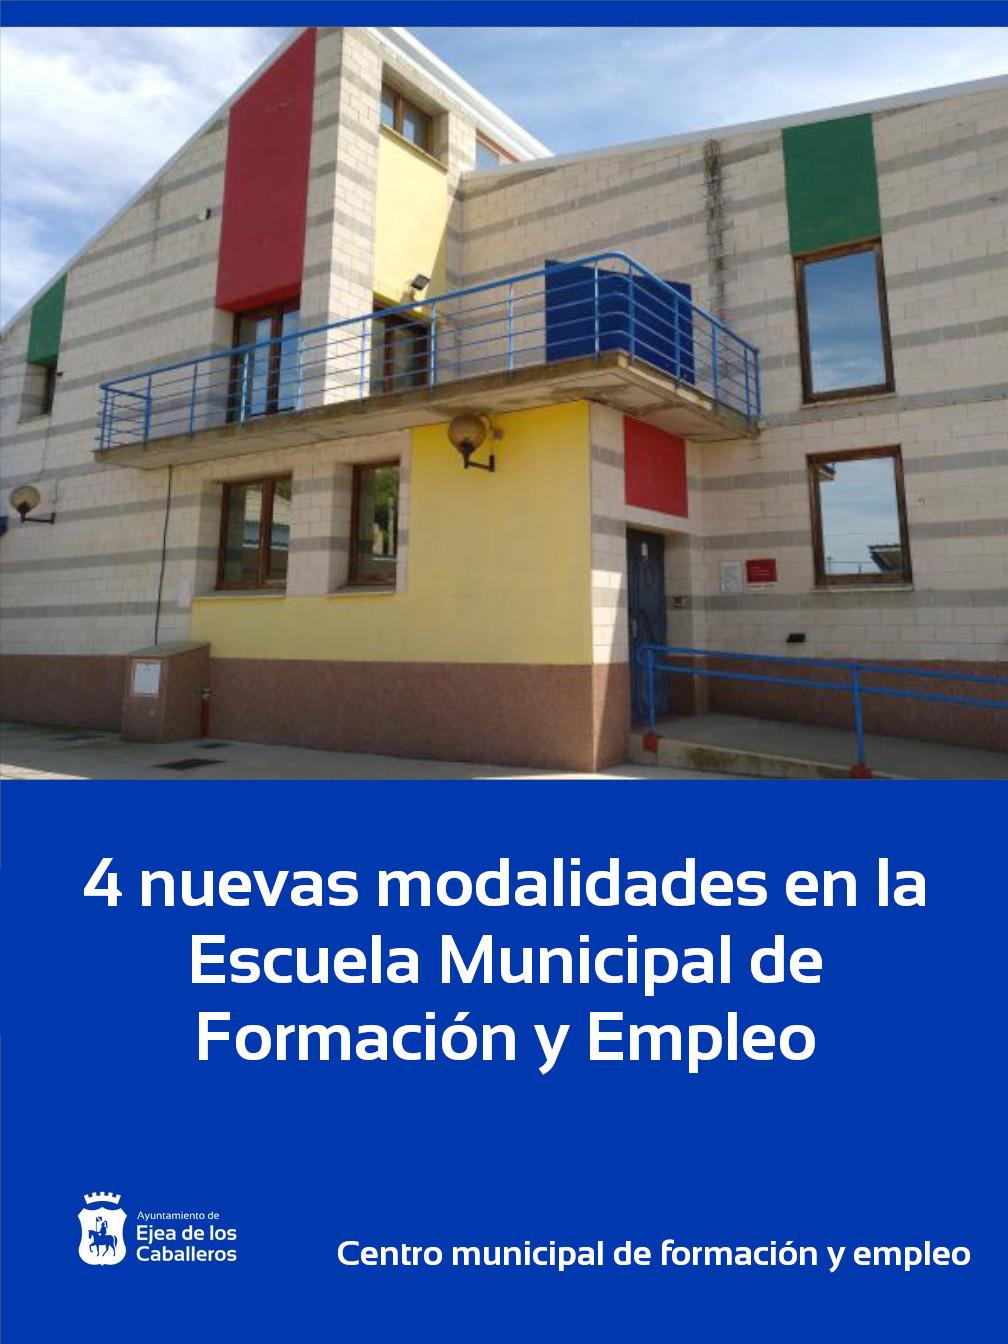 Ejea contará con 4 modalidades para la Escuela Municipal de Formación y Empleo